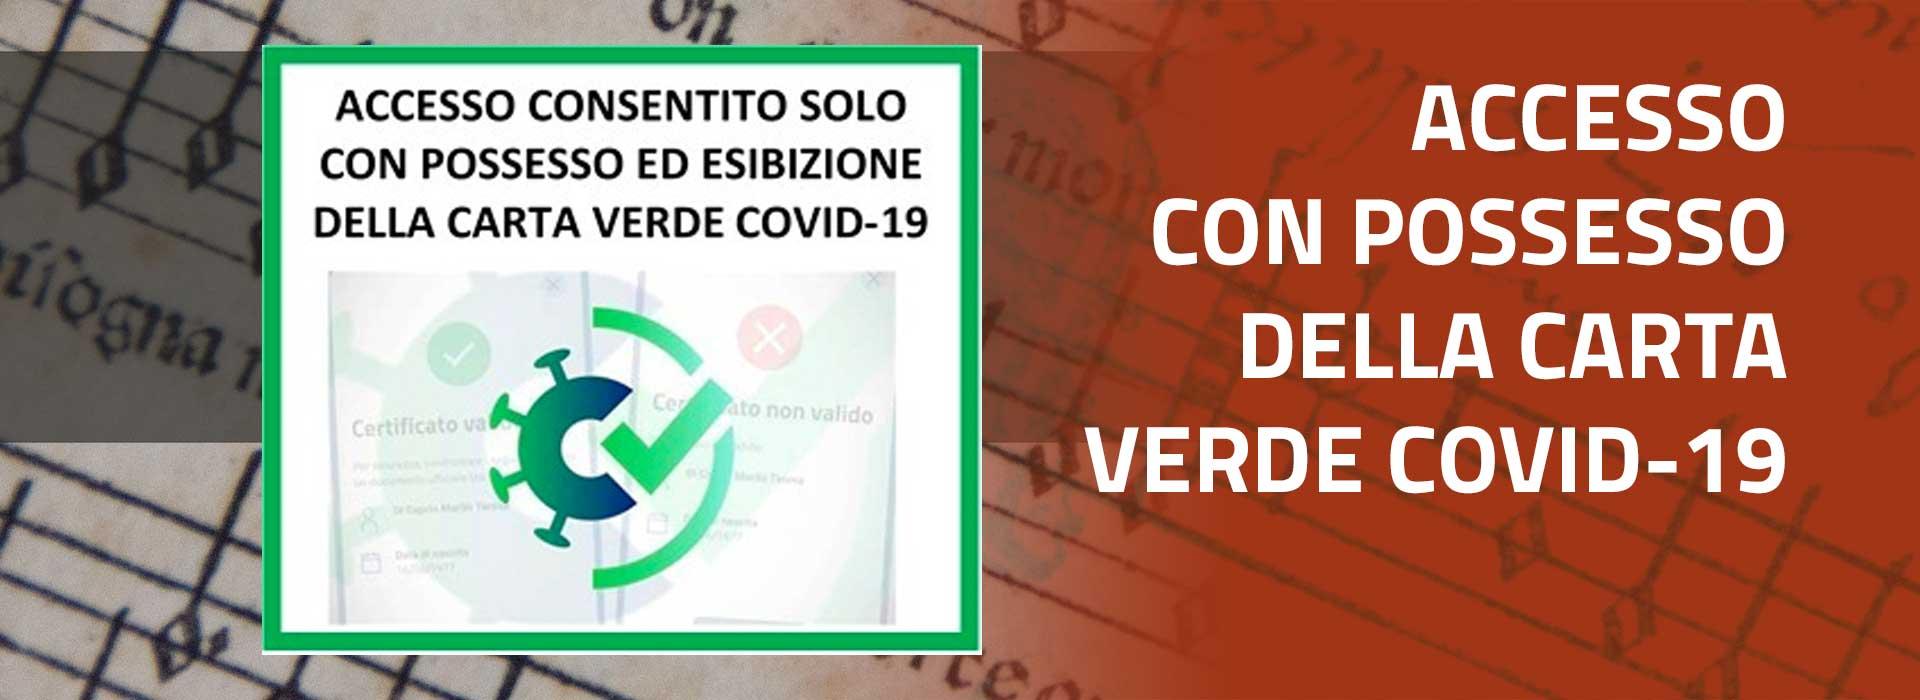 Accesso Consentito Solo Con Possesso Ed Esibizione Della Carta Verde COVID-19